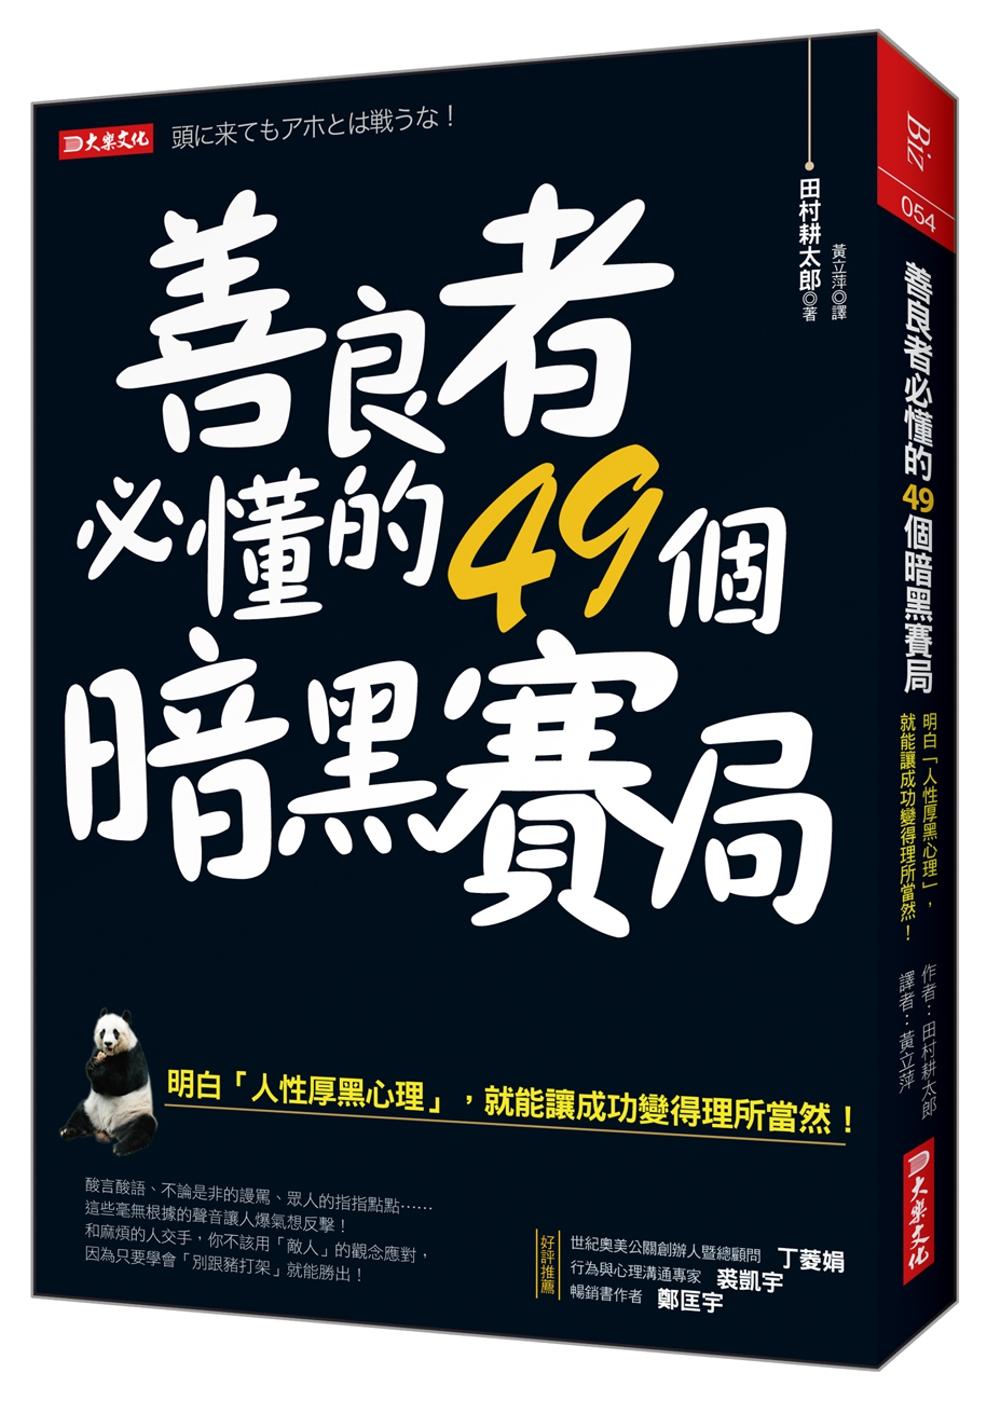 善良者必懂的49個暗黑賽局:明白「人性厚黑心理」,就能讓成功變得理所當然!(全新修訂版)